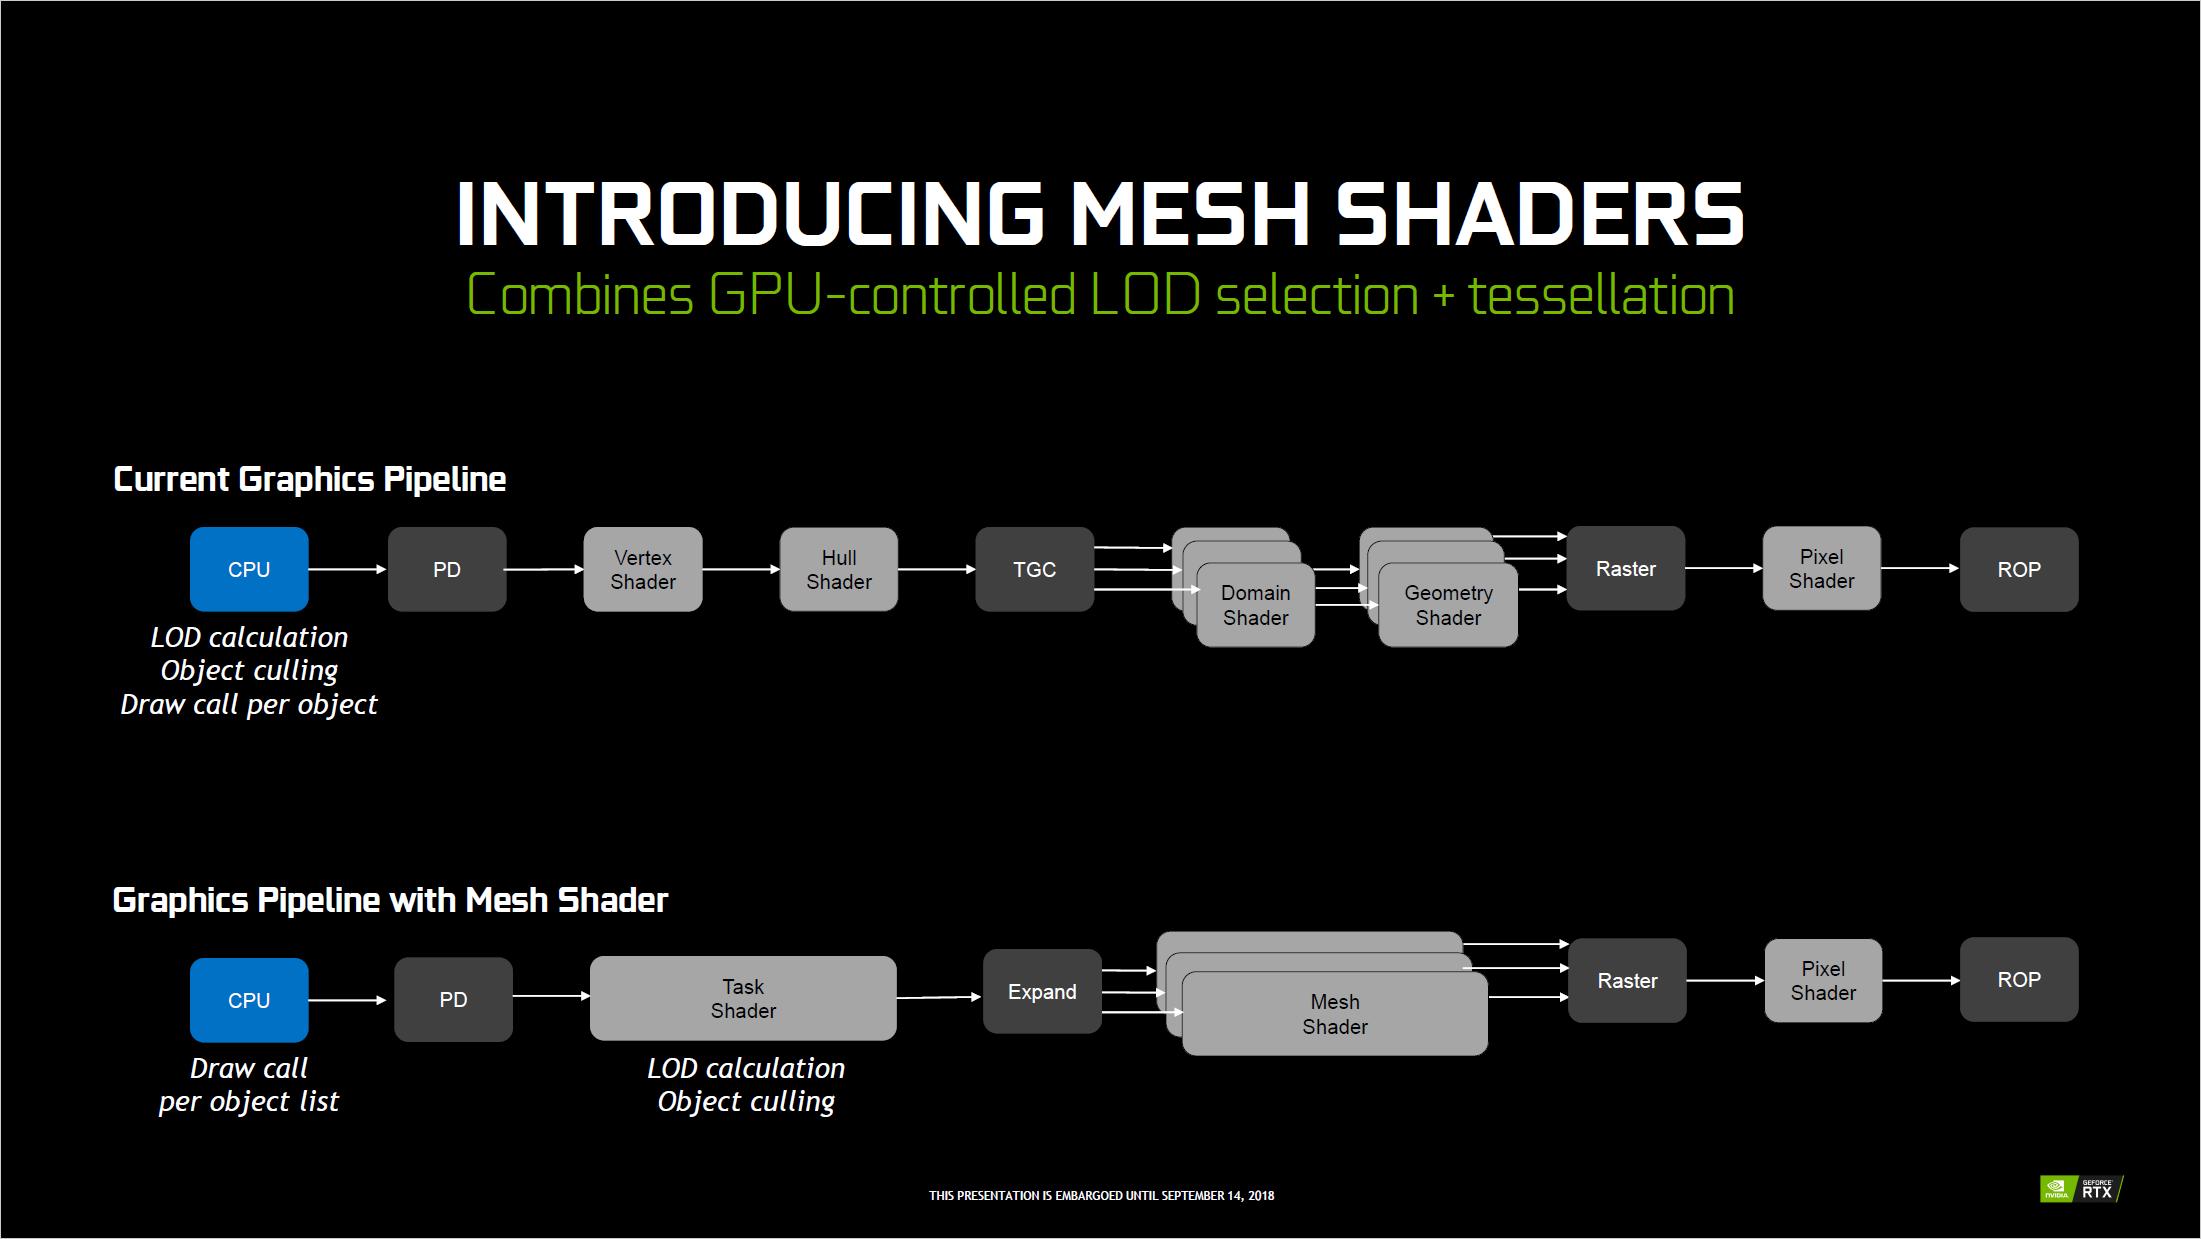 Grafikkarten: Das kann Nvidias Turing-Architektur - Die Pipeline wird um zwei neue Shader erweitert. (Bild: Nvidia)